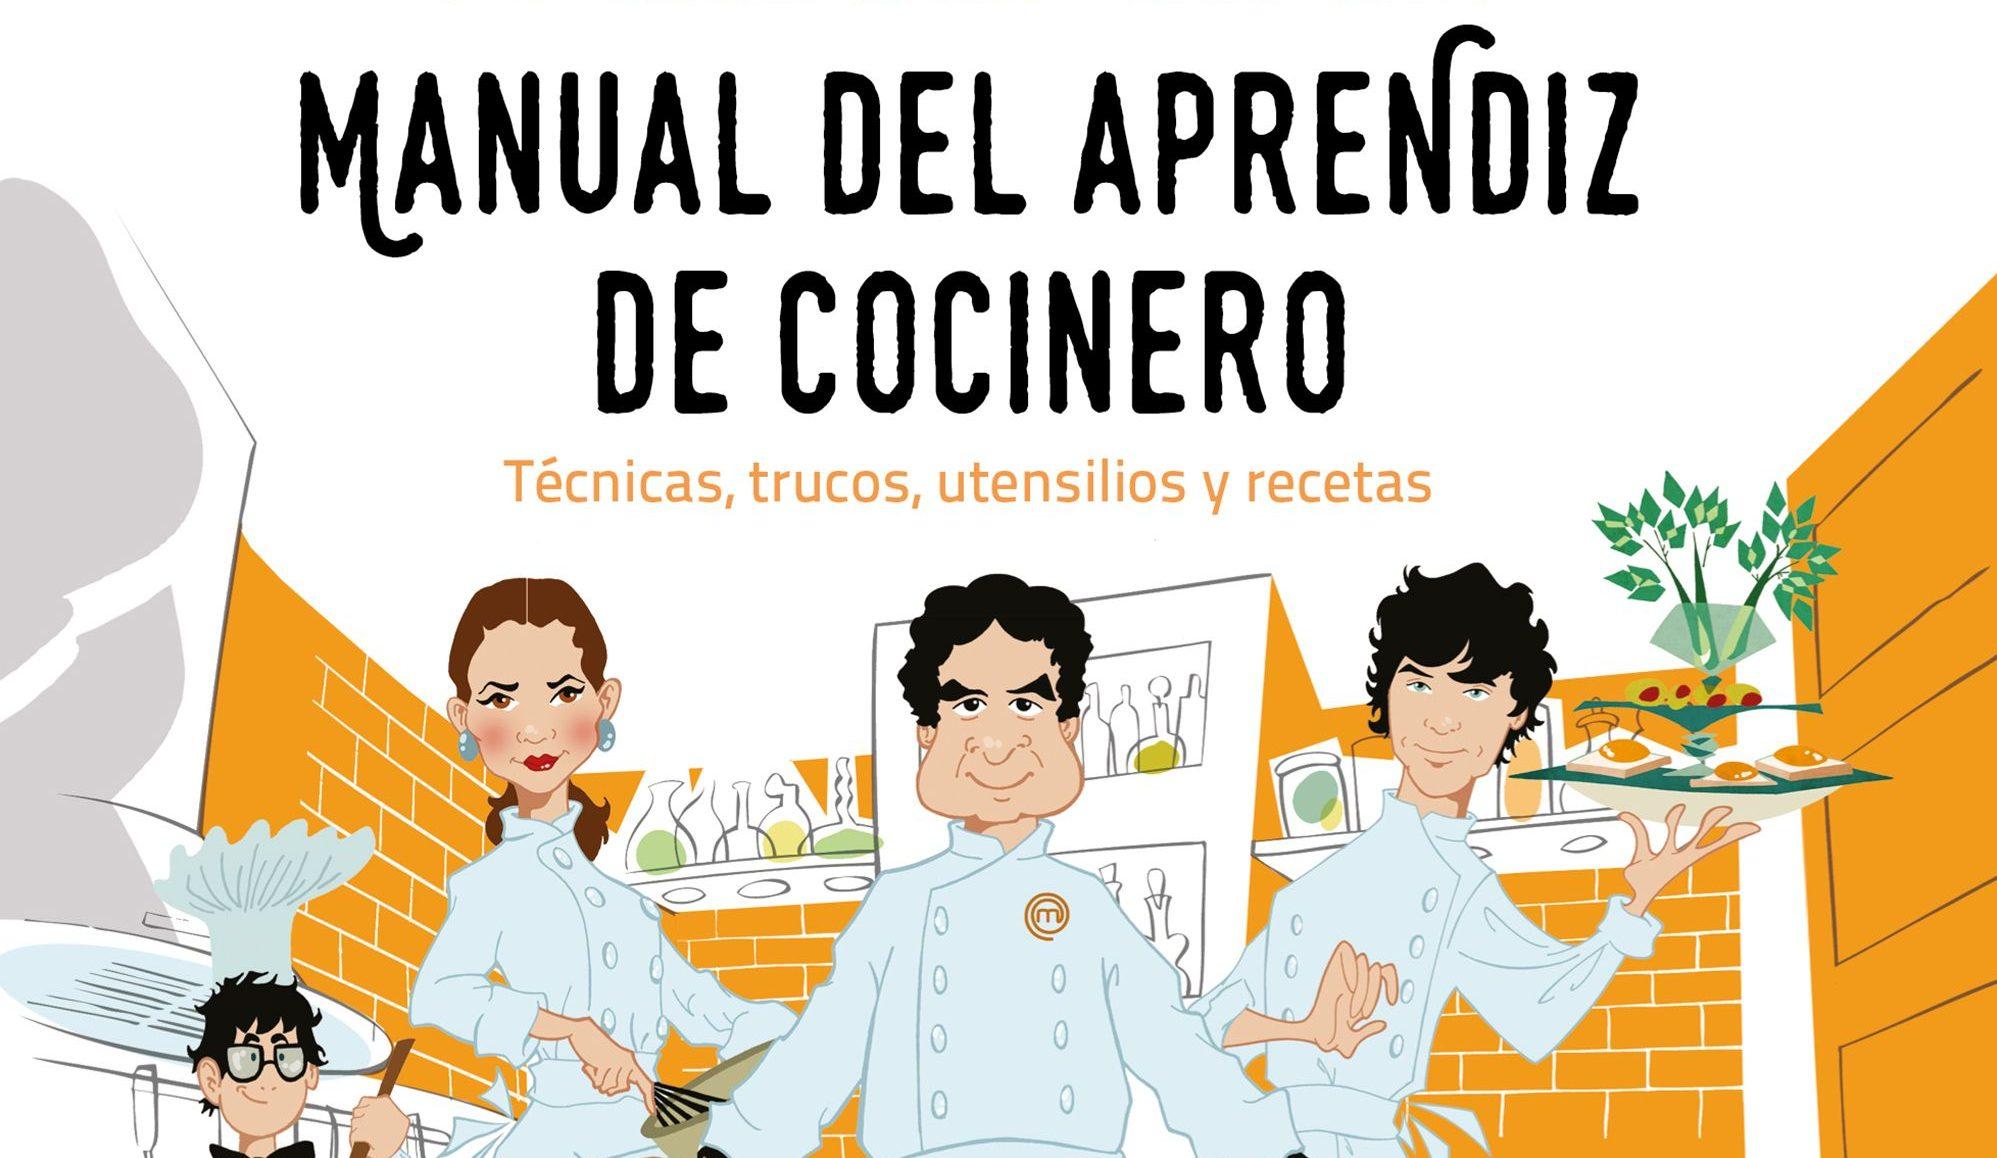 Manual del aprendiz de cocinero kiss fm for El gran manual del cocinero pdf